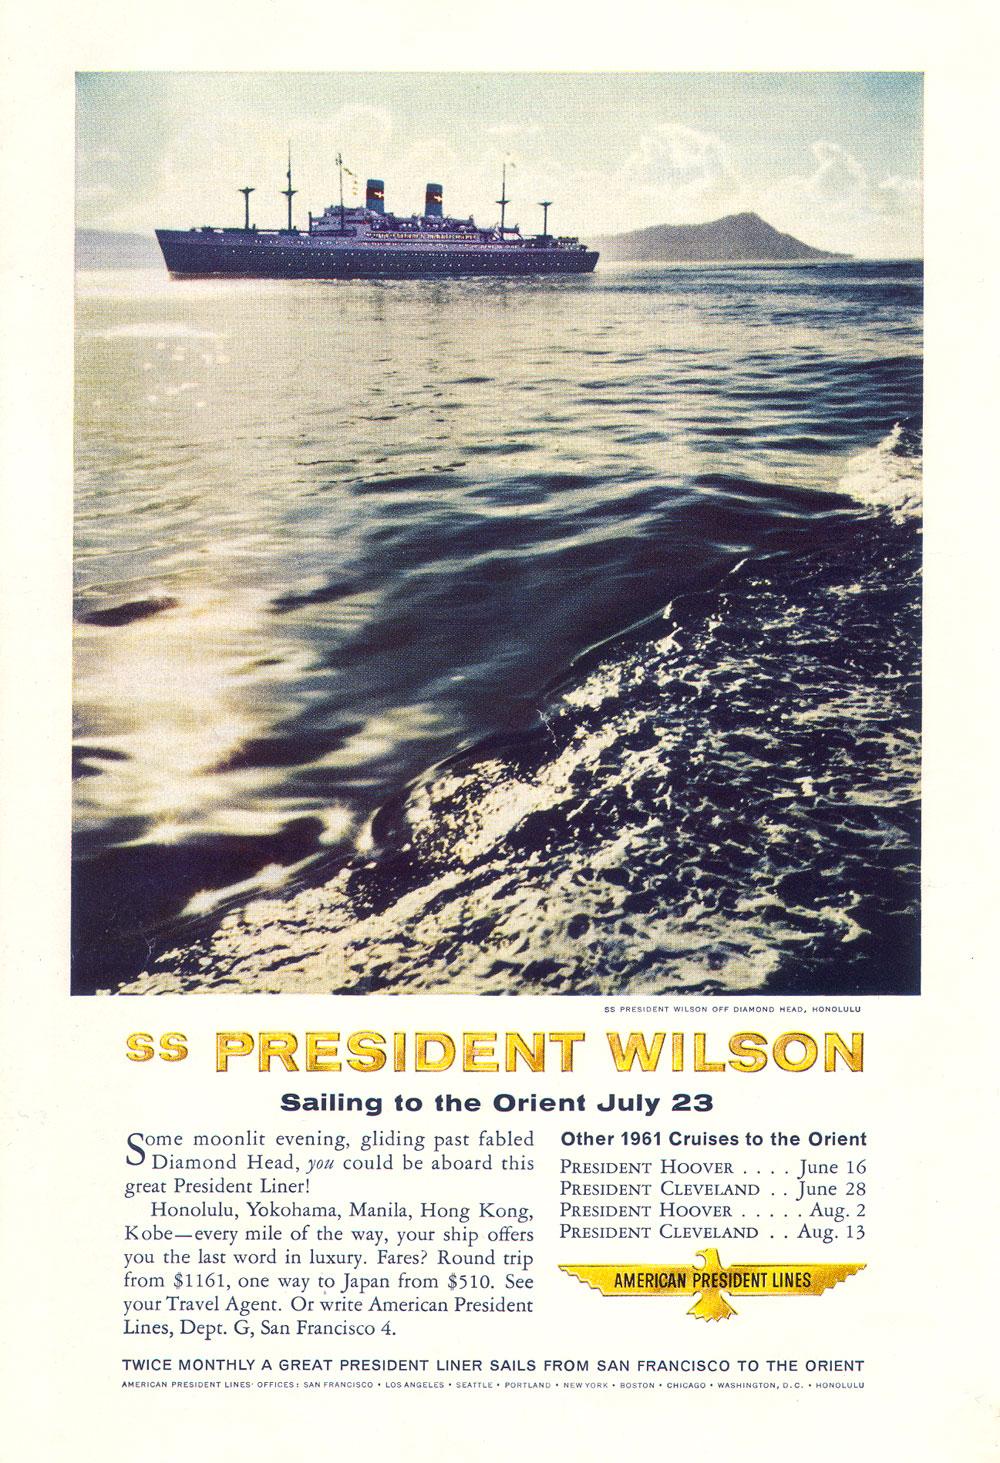 SS President Wilson - American President Lnes